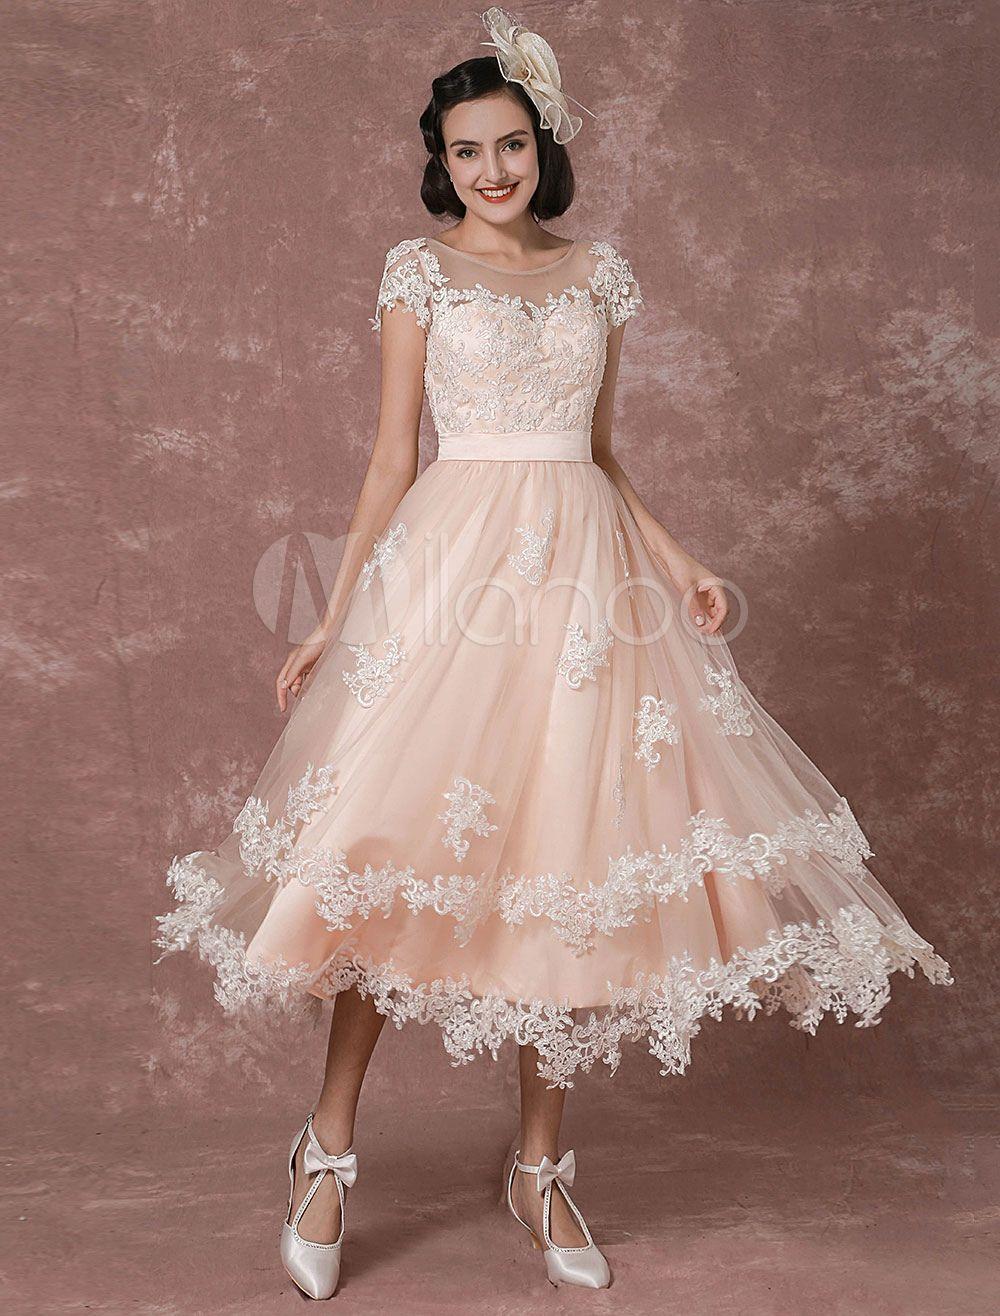 85e9357669e Wedding Dress Short Vintage Bridal Dress Backless Illusion Lace Applique Tea -length A-line Reception Bridal Gown Milanoo